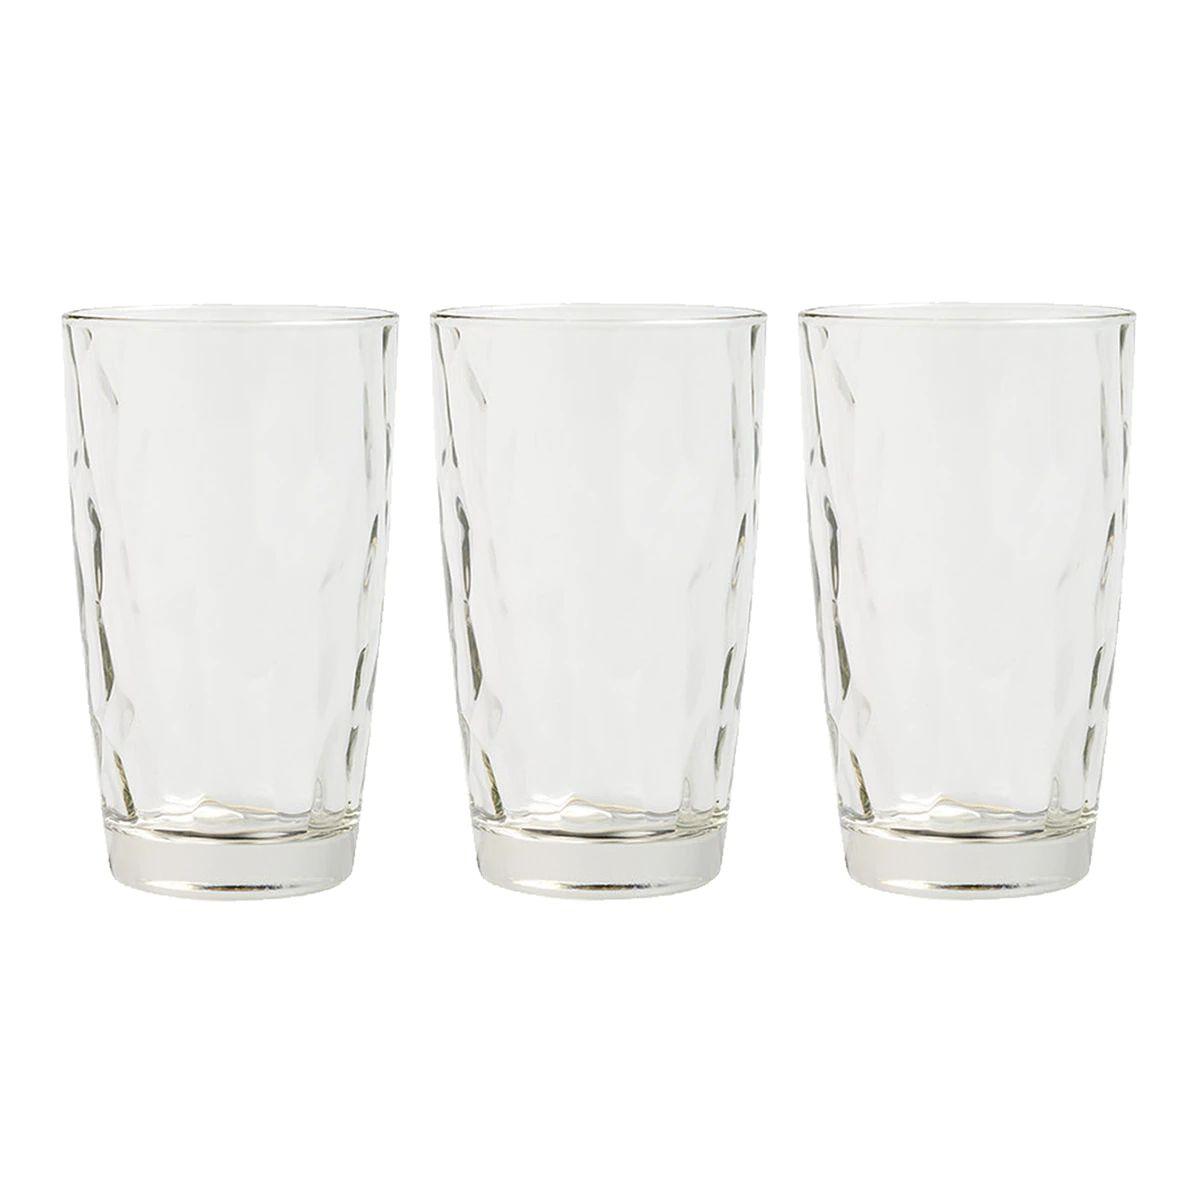 Juego de 3 vasos altos de vidrio facetado, son de alta calidad y diseño italiano. Con base sólida, elegantes y sencillos para tu mesa de todos los días o para los grandes eventos.